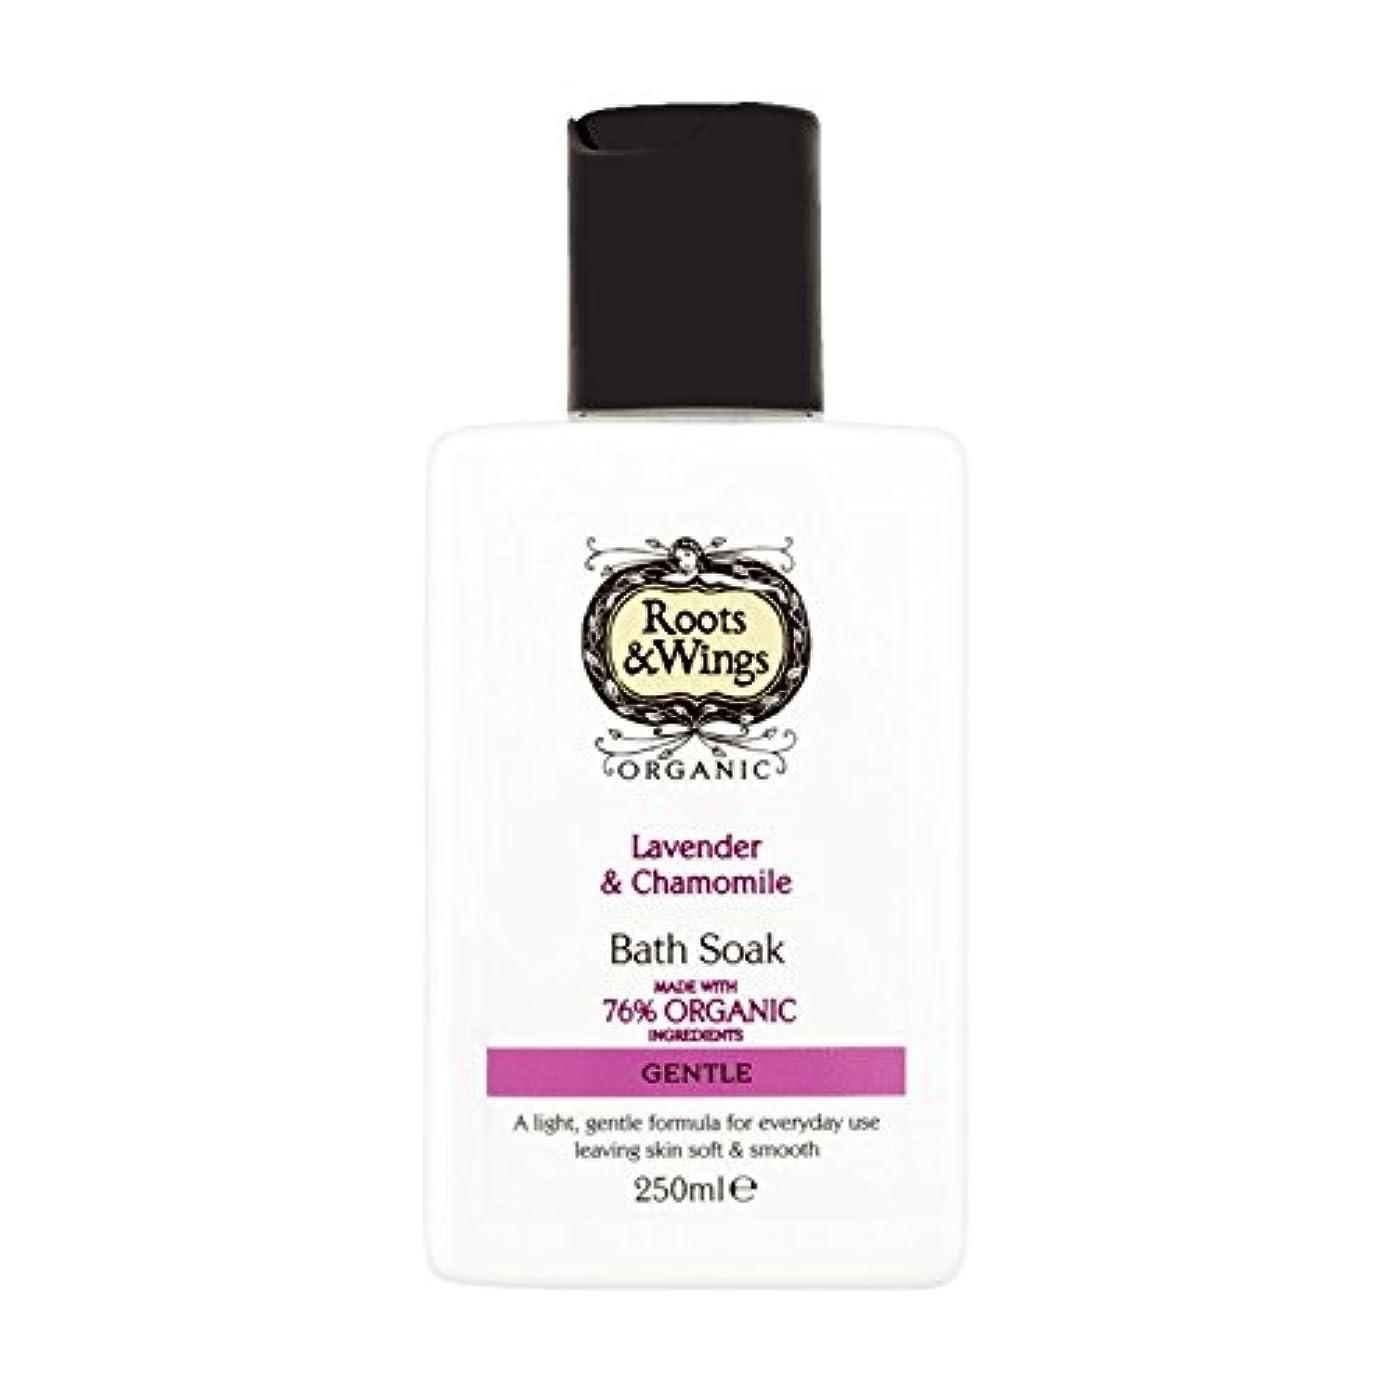 満足転用砂漠Roots & Wings Bath Soak Lavender & Chamomile 250ml (Pack of 6) - ルーツ&翼はバスラベンダー&カモミール250ミリリットルを浸します (x6) [並行輸入品]